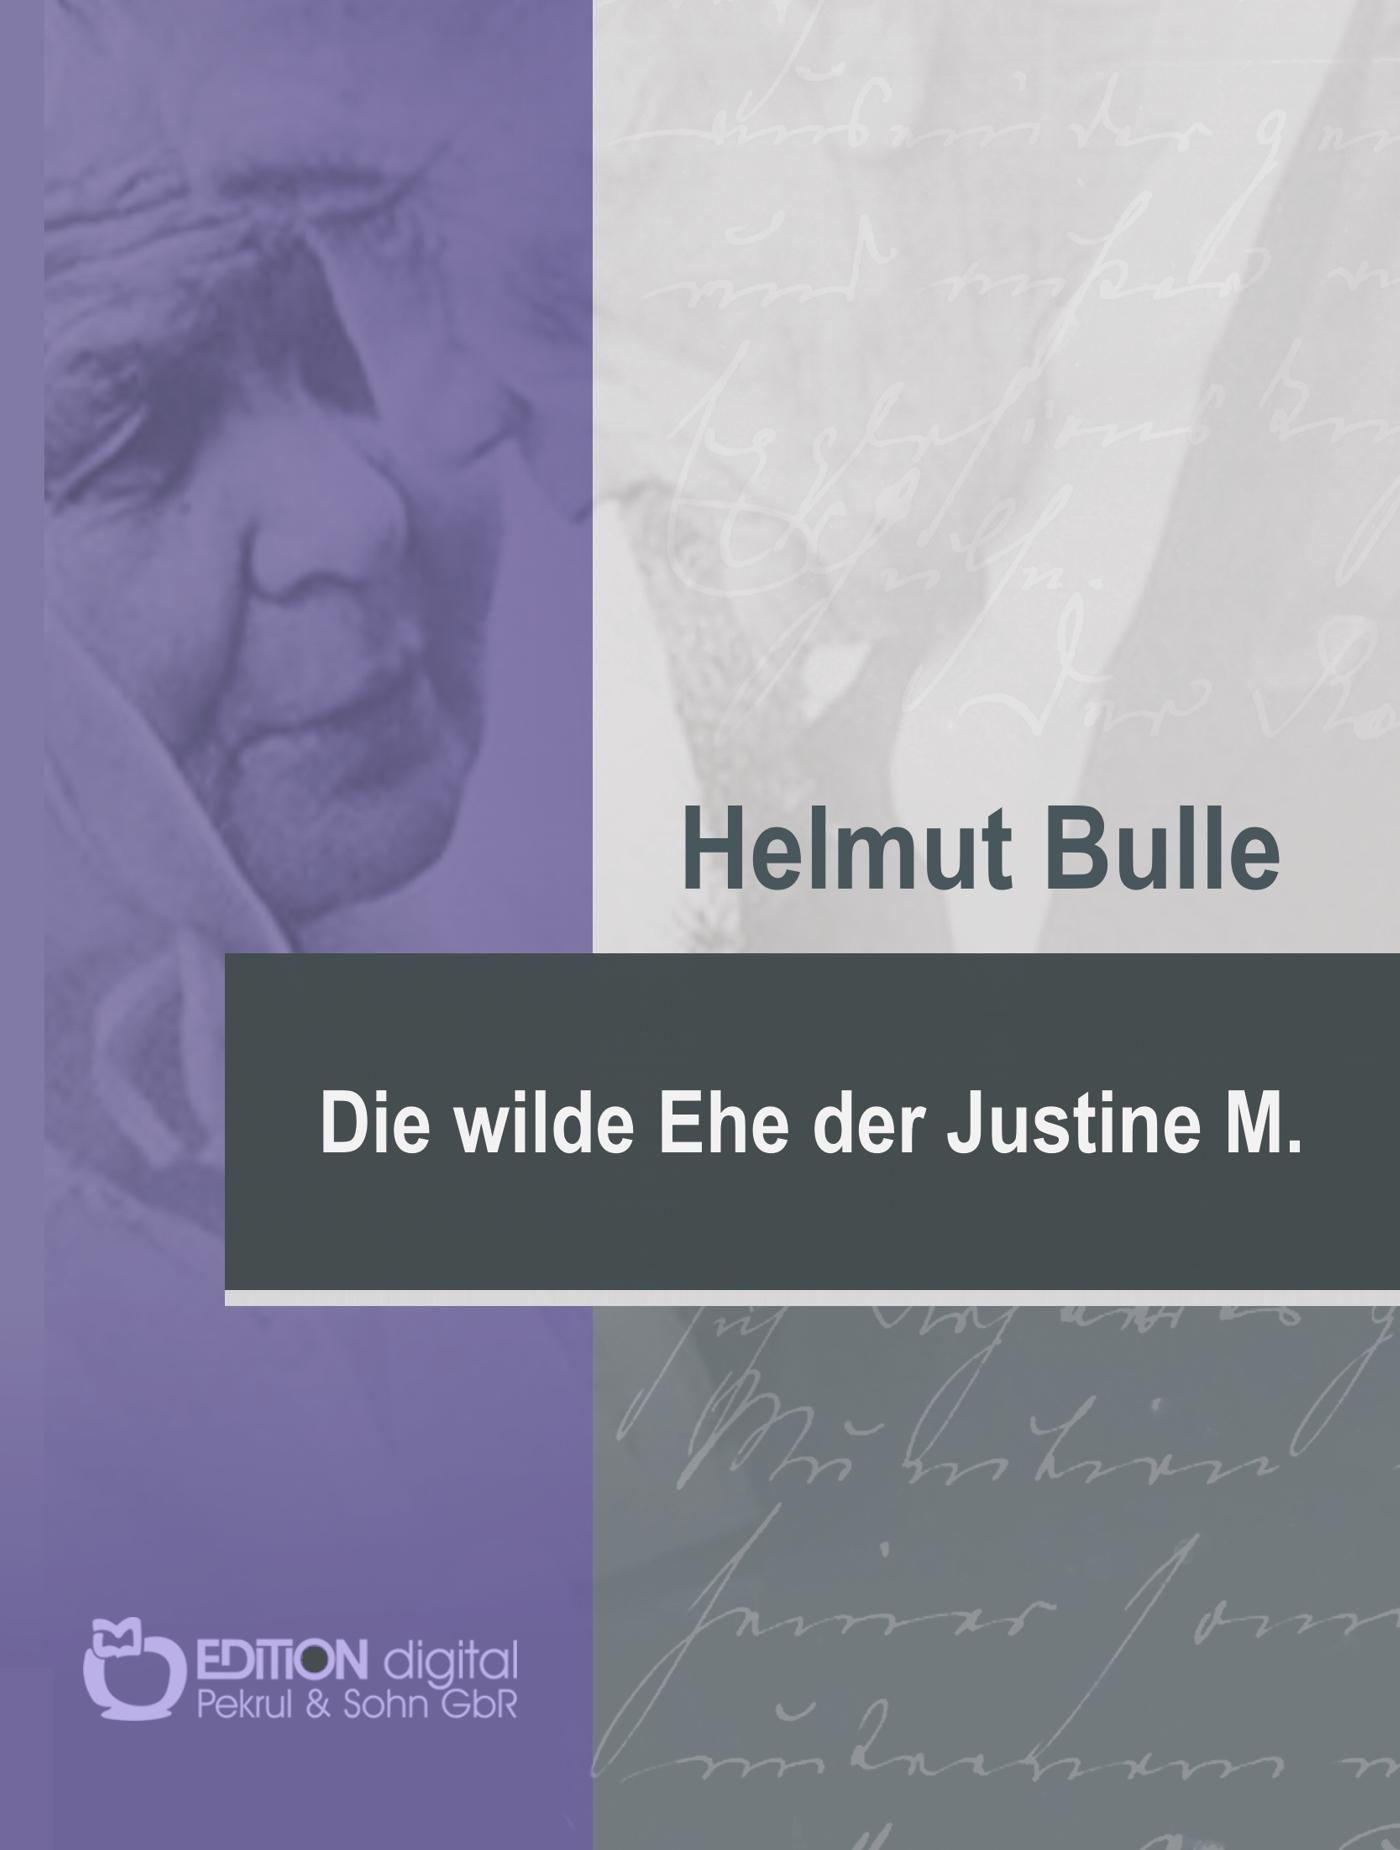 Die wilde Ehe der Justine M. Aktenkundiges vom Rennsteig von Helmut Bulle